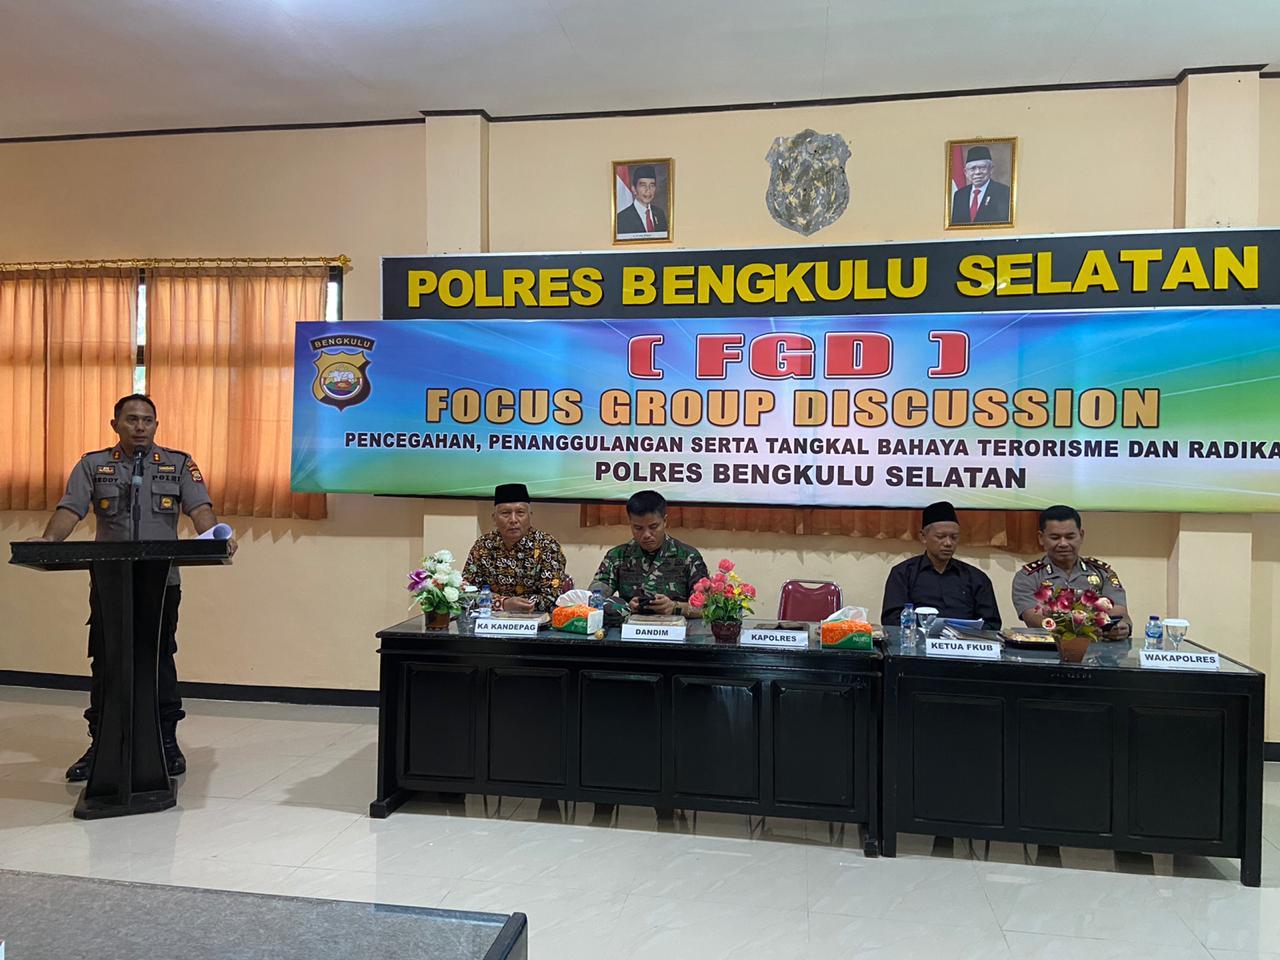 Polres Bengkulu Selatan Gelar FGD Bersama Lintas Sektoral